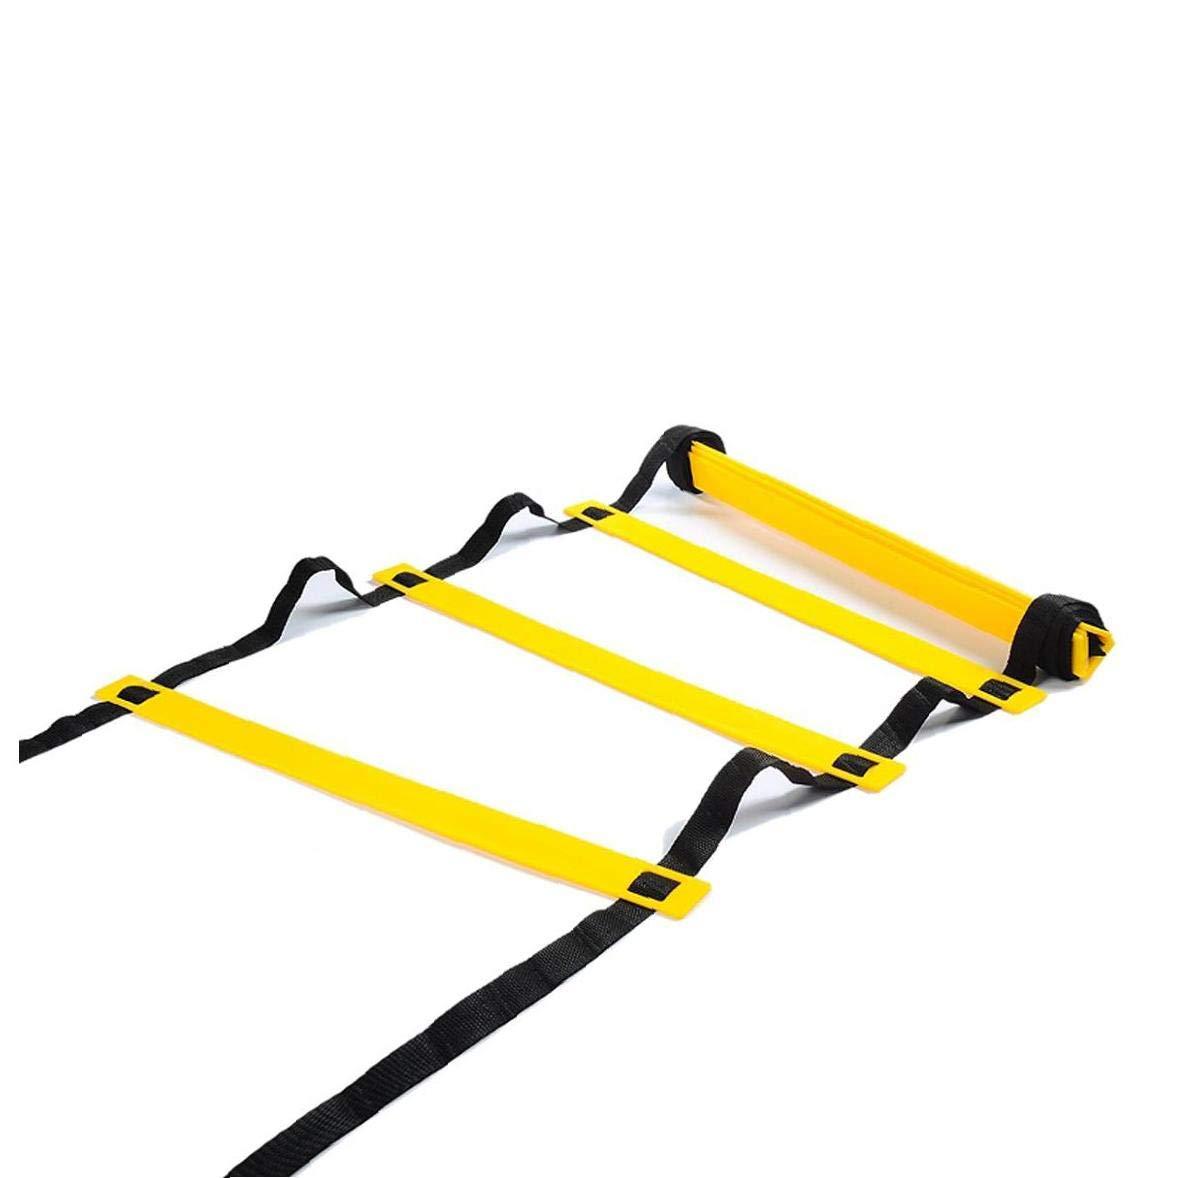 6 M Velocidad Y Agilidad Escalera - Entrenamiento Equipo -Ladder para El Ejercicio De Fútbol Entrenamiento De La Aptitud Pies: Amazon.es: Deportes y aire libre